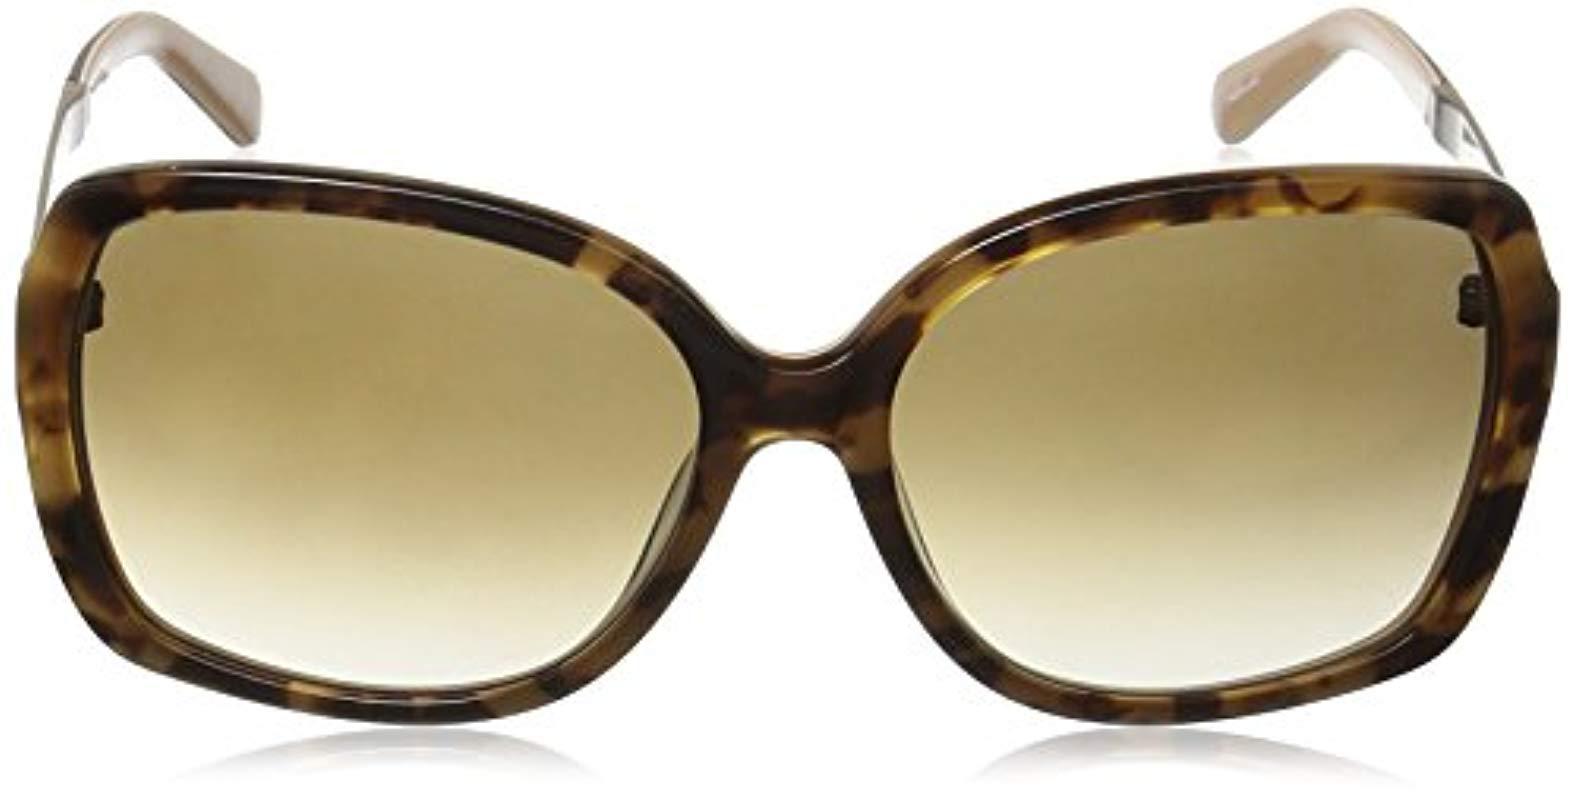 7f69b30c1b4ec ... Brown Kate Spade Darilynn Darils Square Sunglasses - Lyst. View  fullscreen